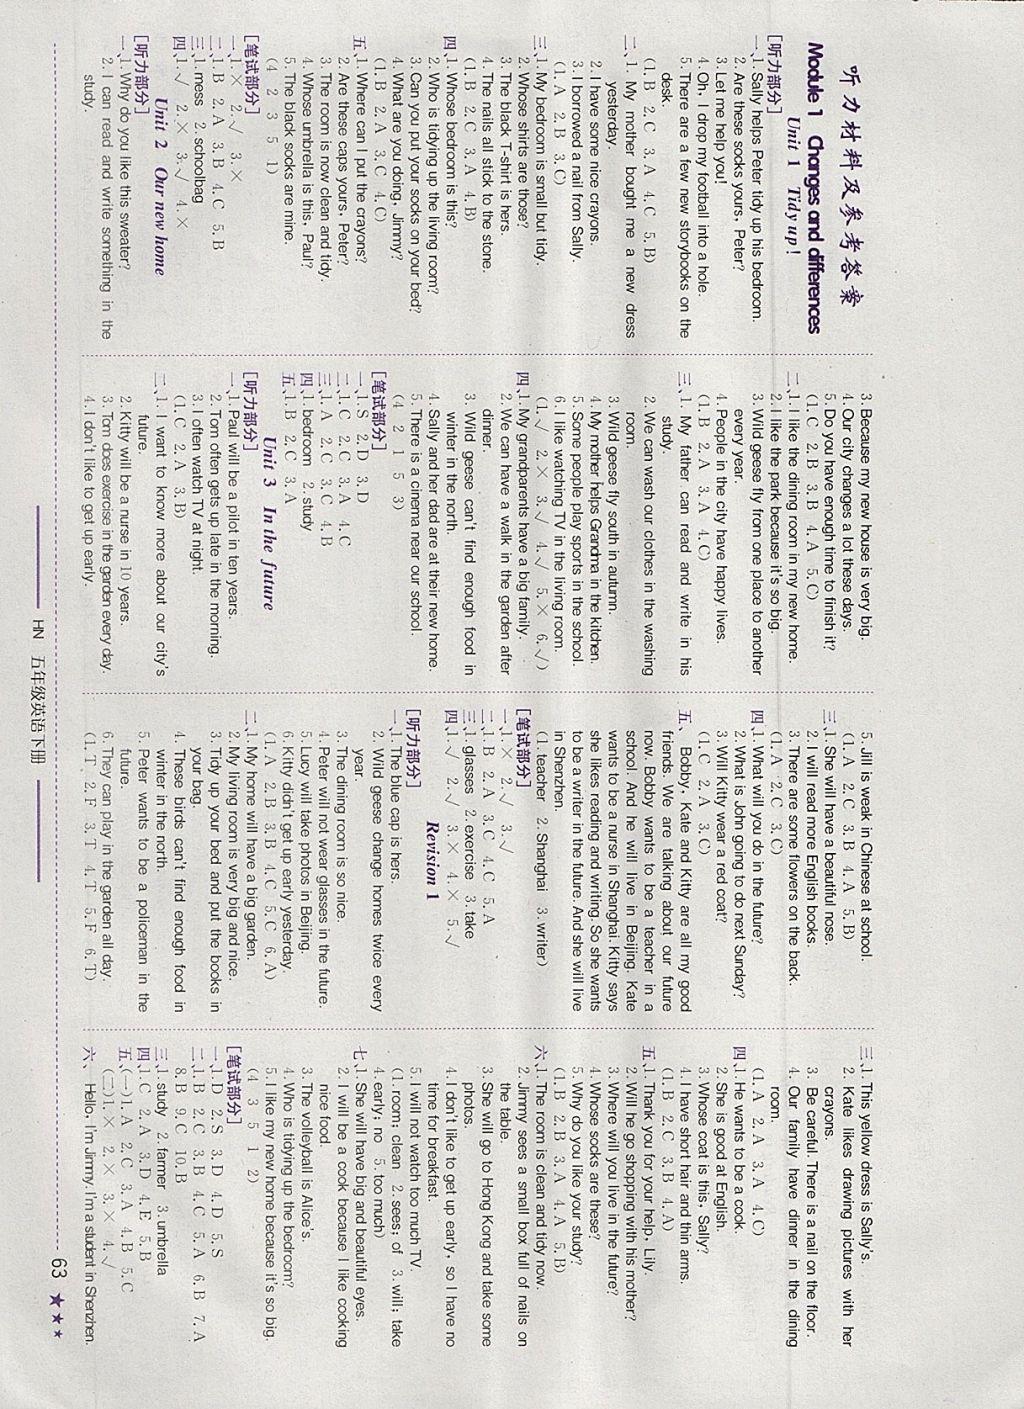 2018年黄冈小状元作业本五年级人人中彩票安卓下册沪教牛津版深圳专版第1页